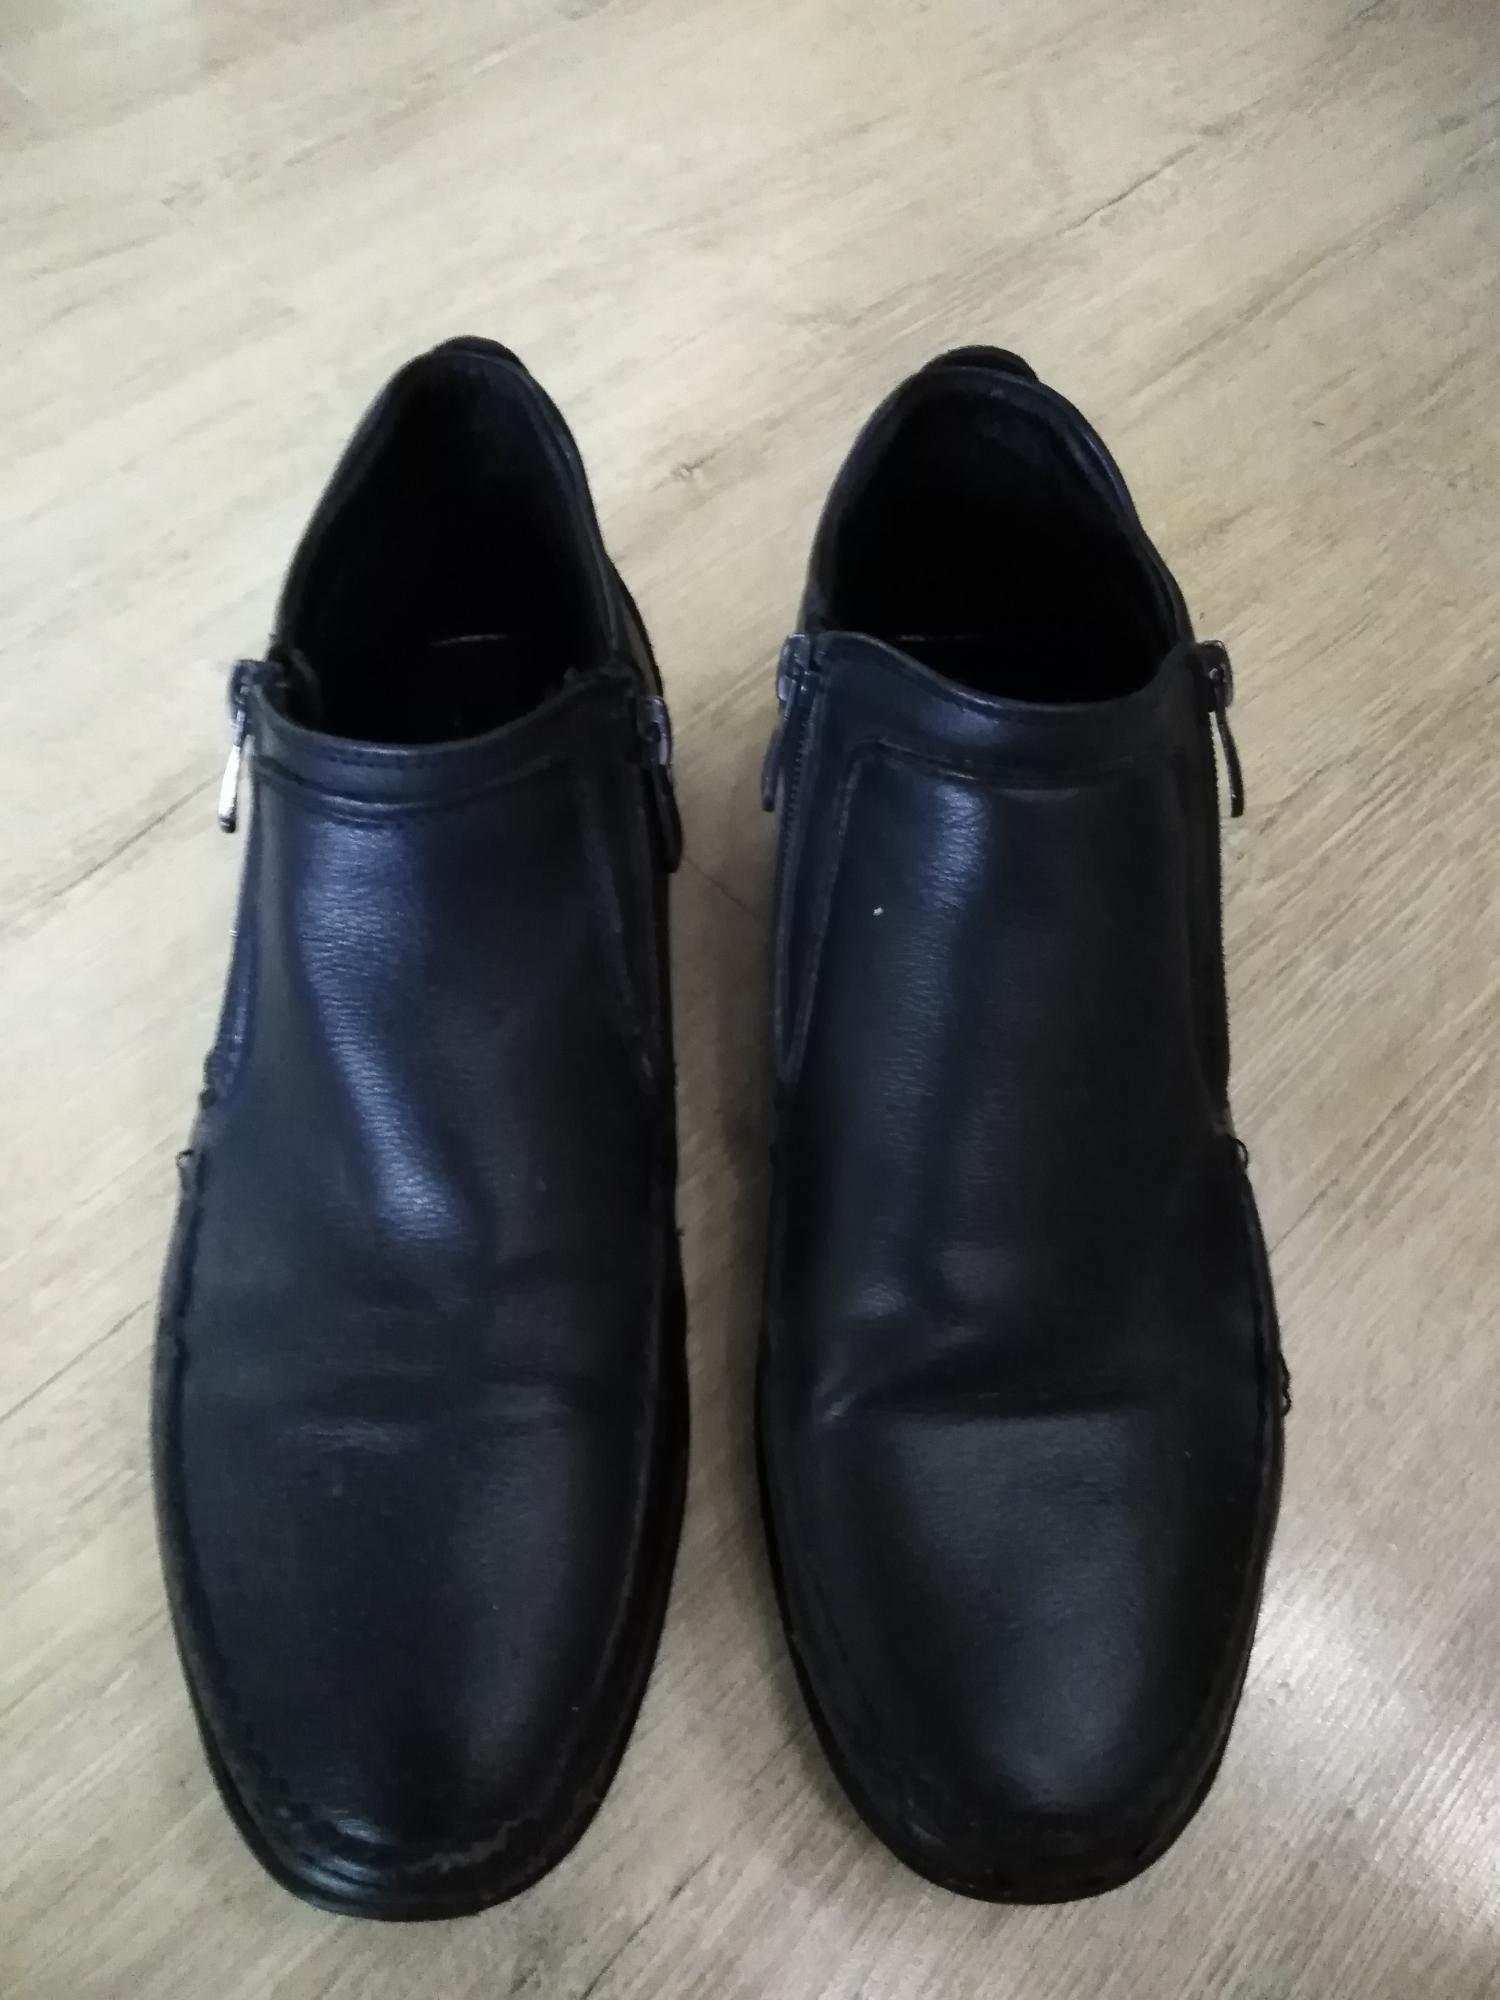 Ботинки в Тюмени 89222616797 купить 2